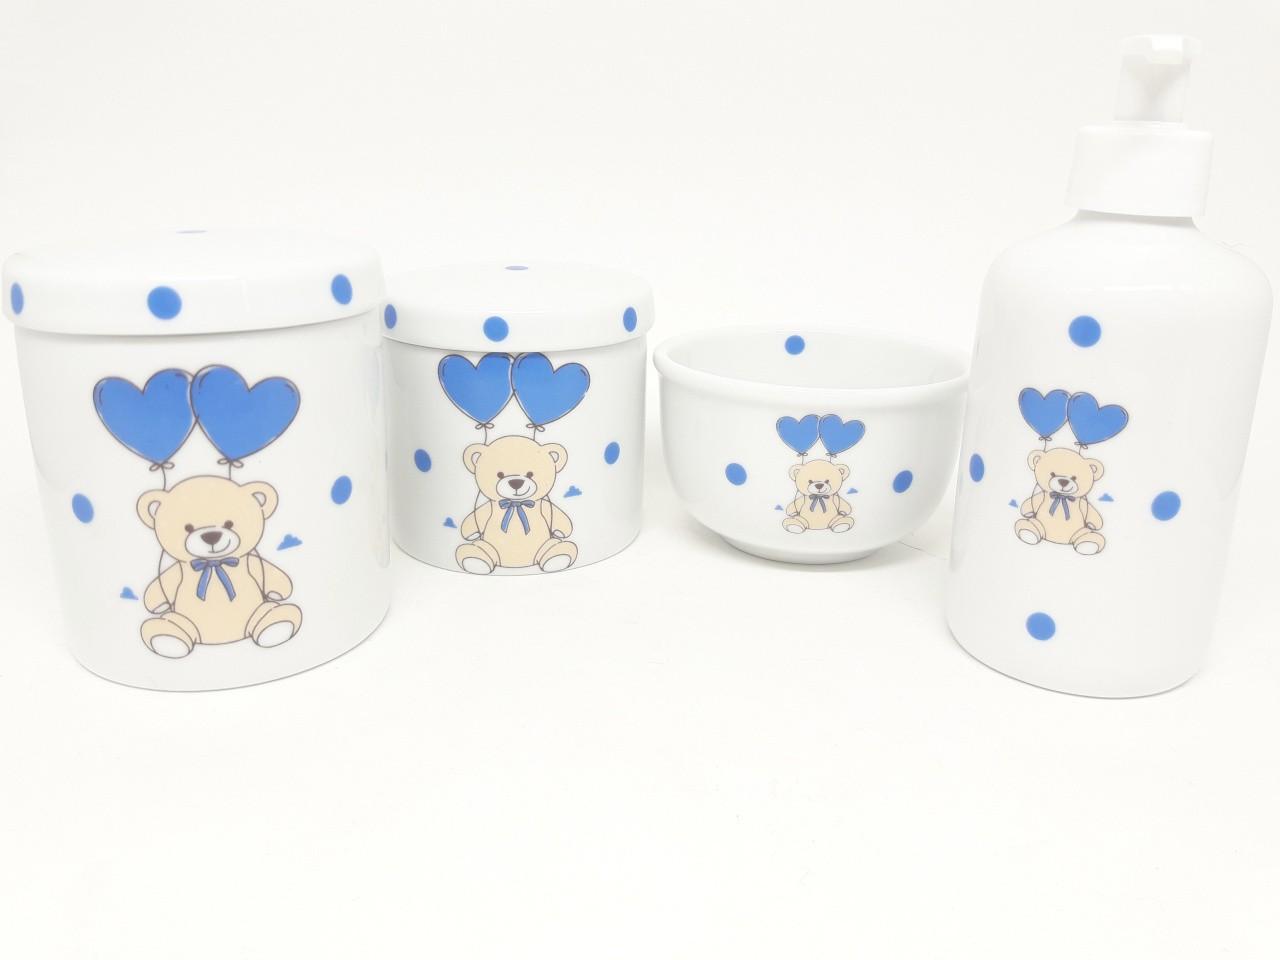 Kit Higiene Bebê Porcelana Urso com balão de coração